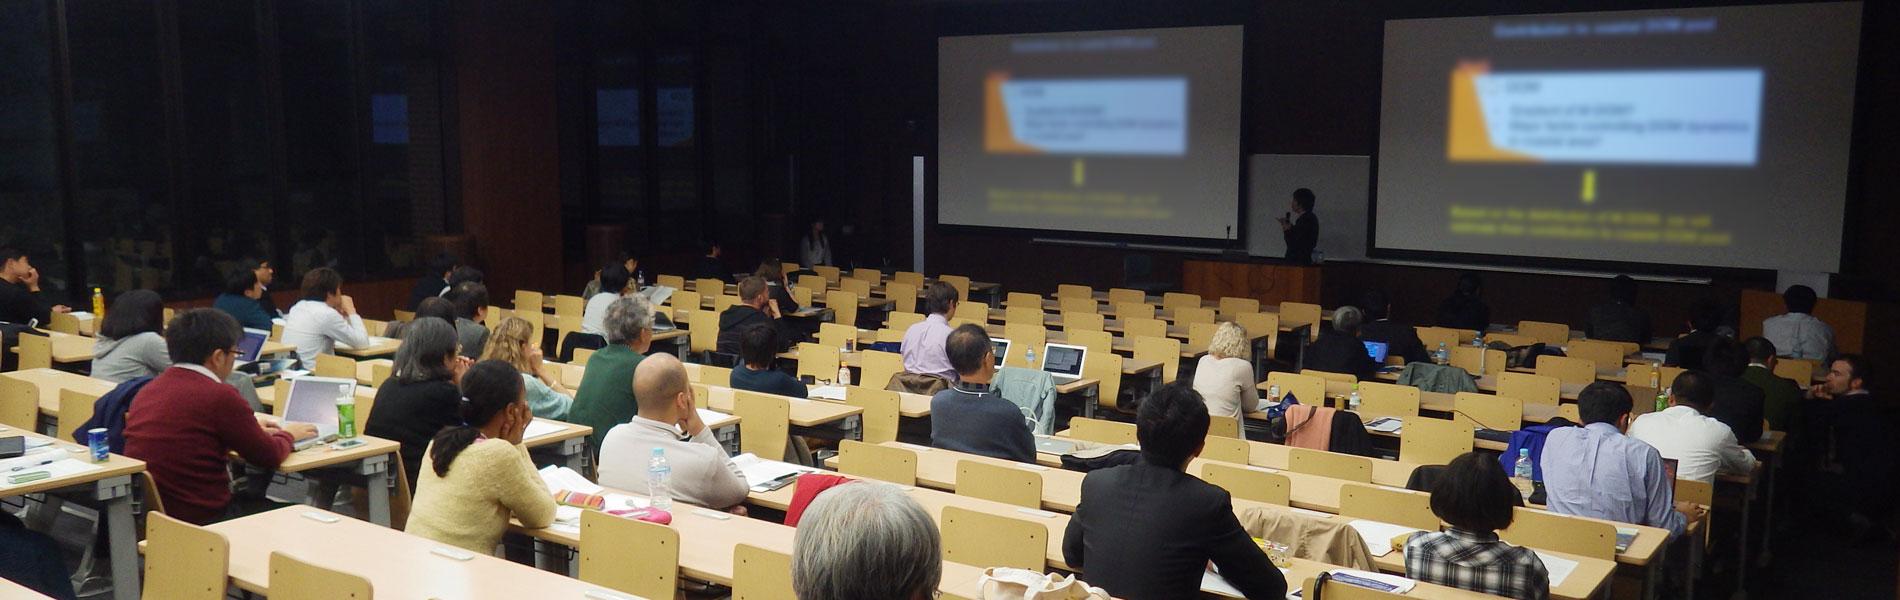 Forum & Symposium